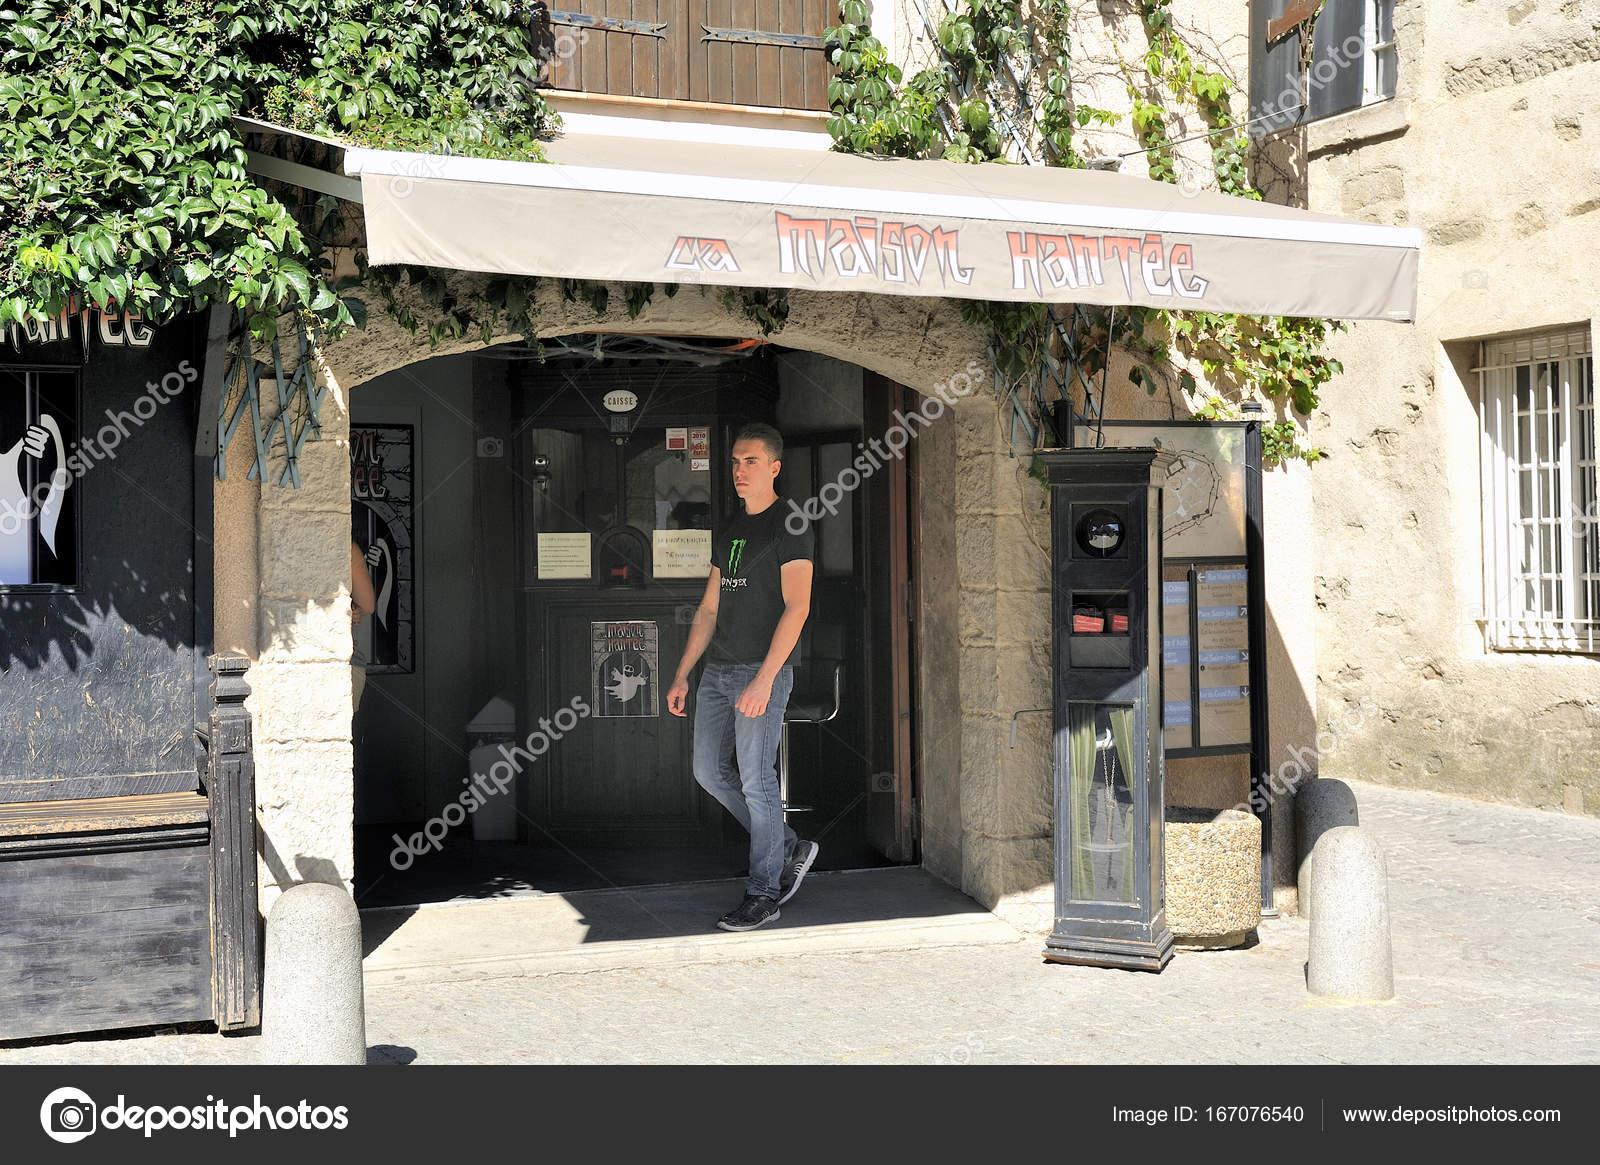 Ufficio Turismo In Francese : Ufficio turistico per la stagione estiva di fronte all ingresso